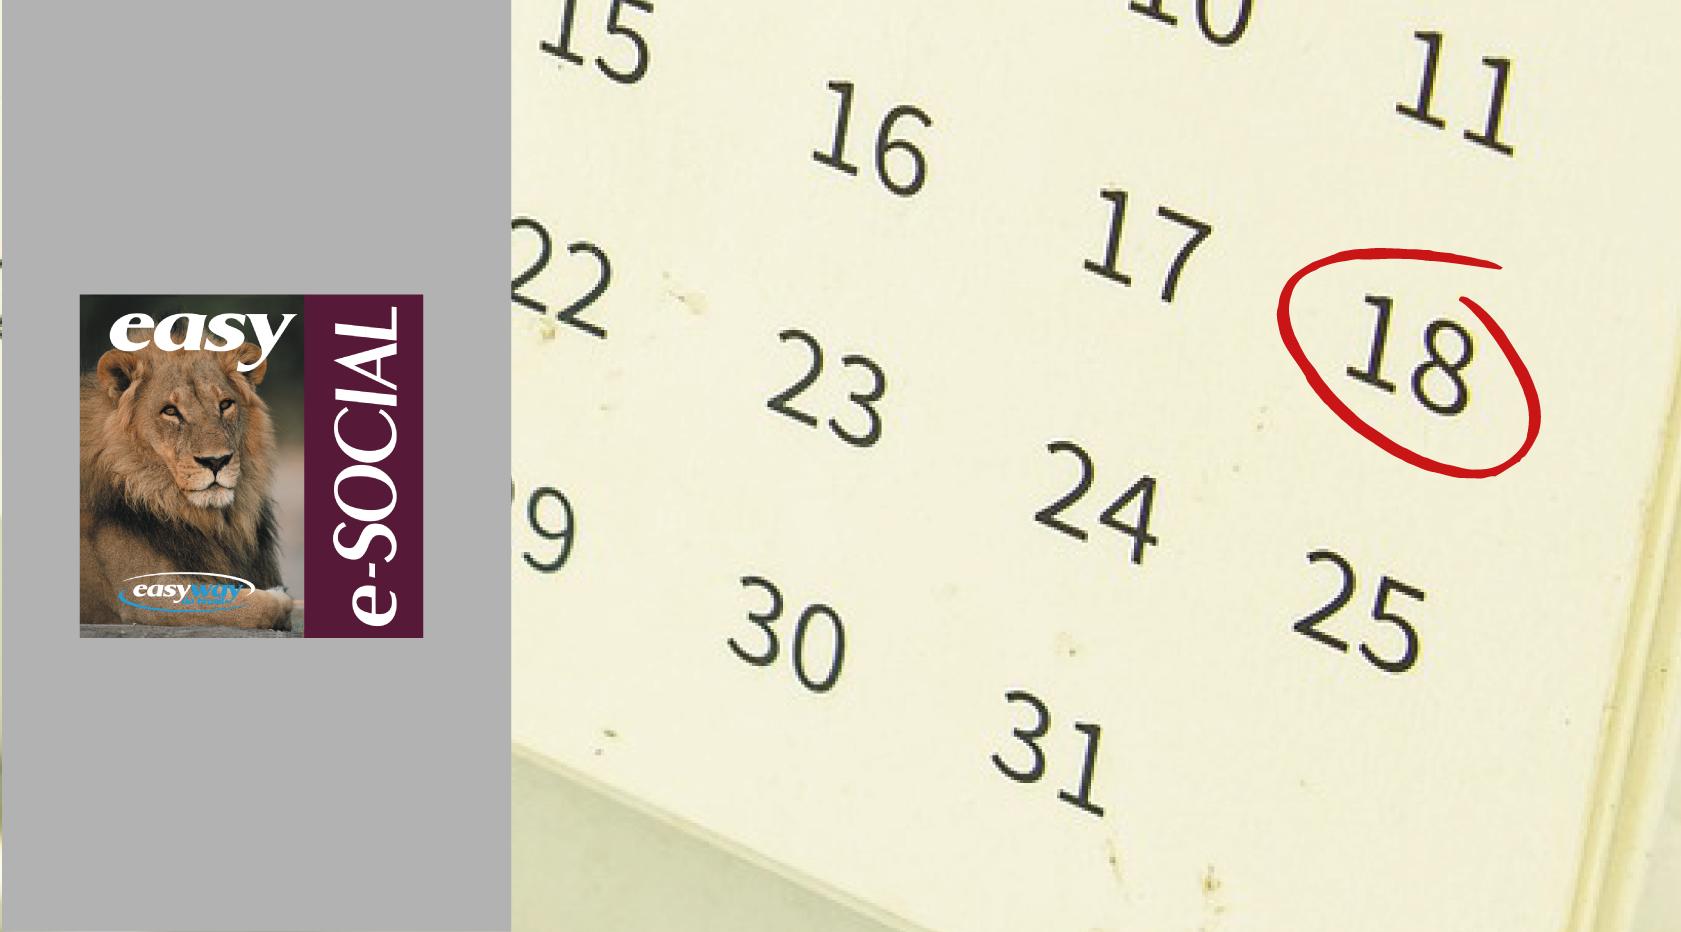 Prazo para envio da DCTFWeb anual se encerra em 18 de dezembro